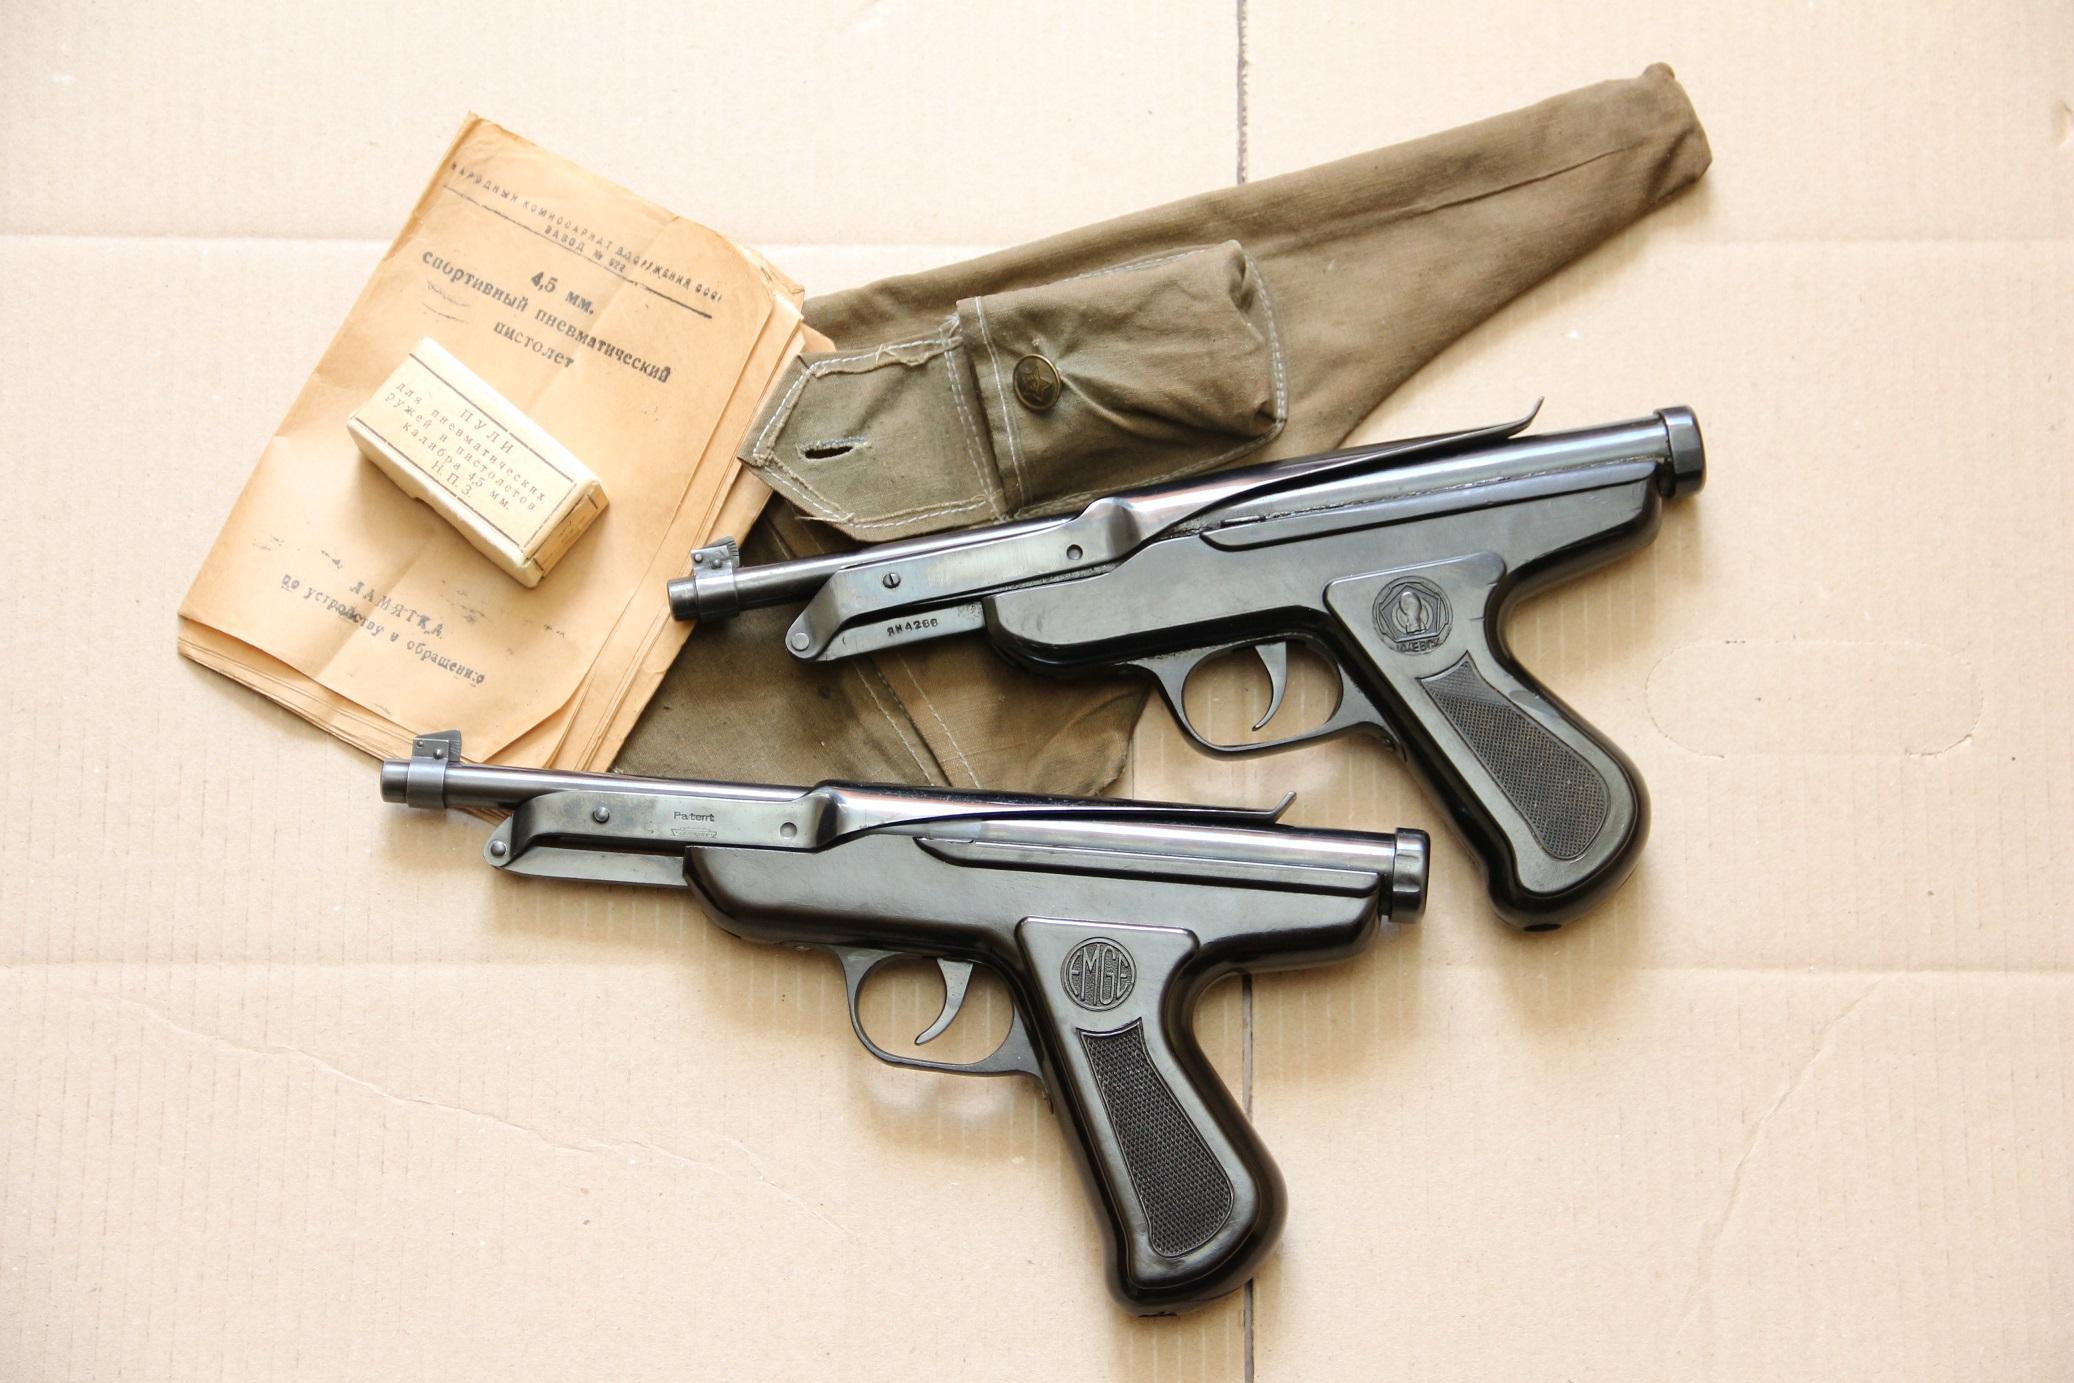 Уникально: немецкий Zenit 1937 года и ижевский СПП ИЖ-45 1945 года, оба в люксе, копирайт СССР